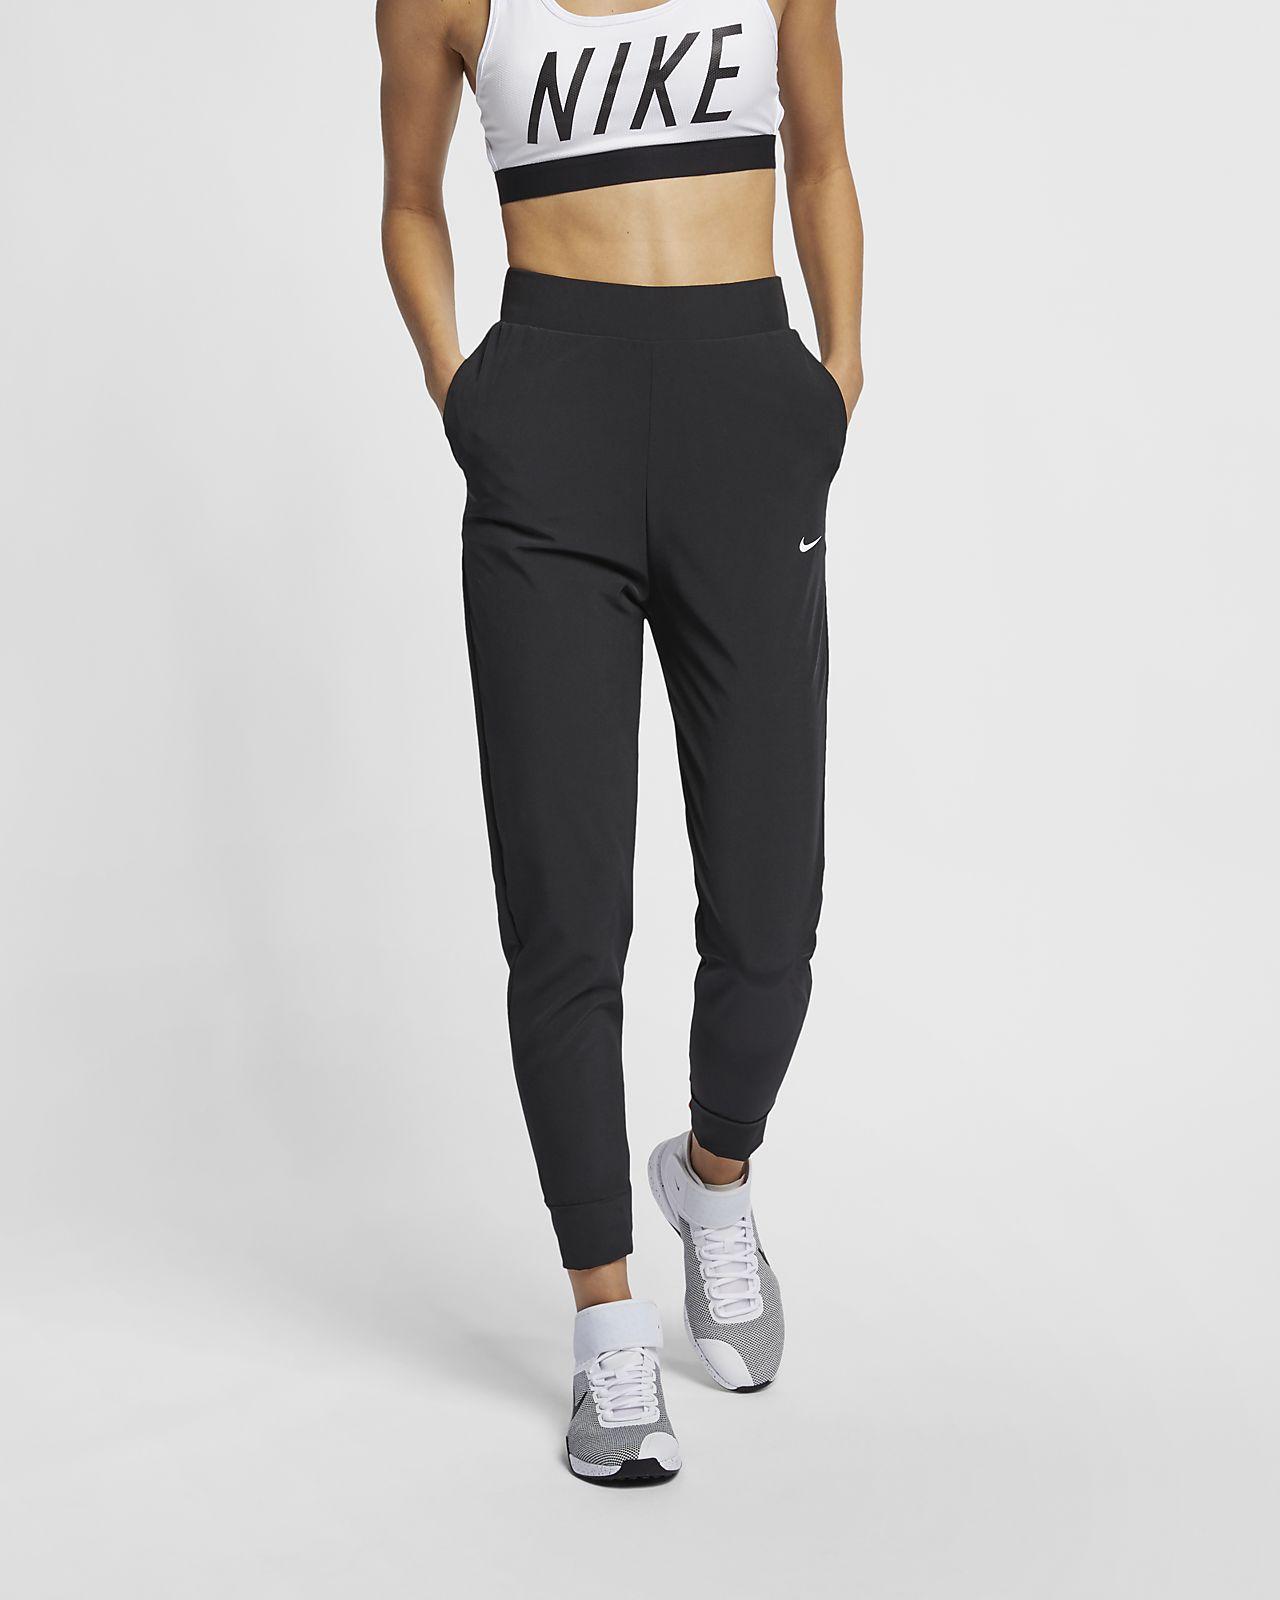 Nike Bliss Trainingsbroek voor dames